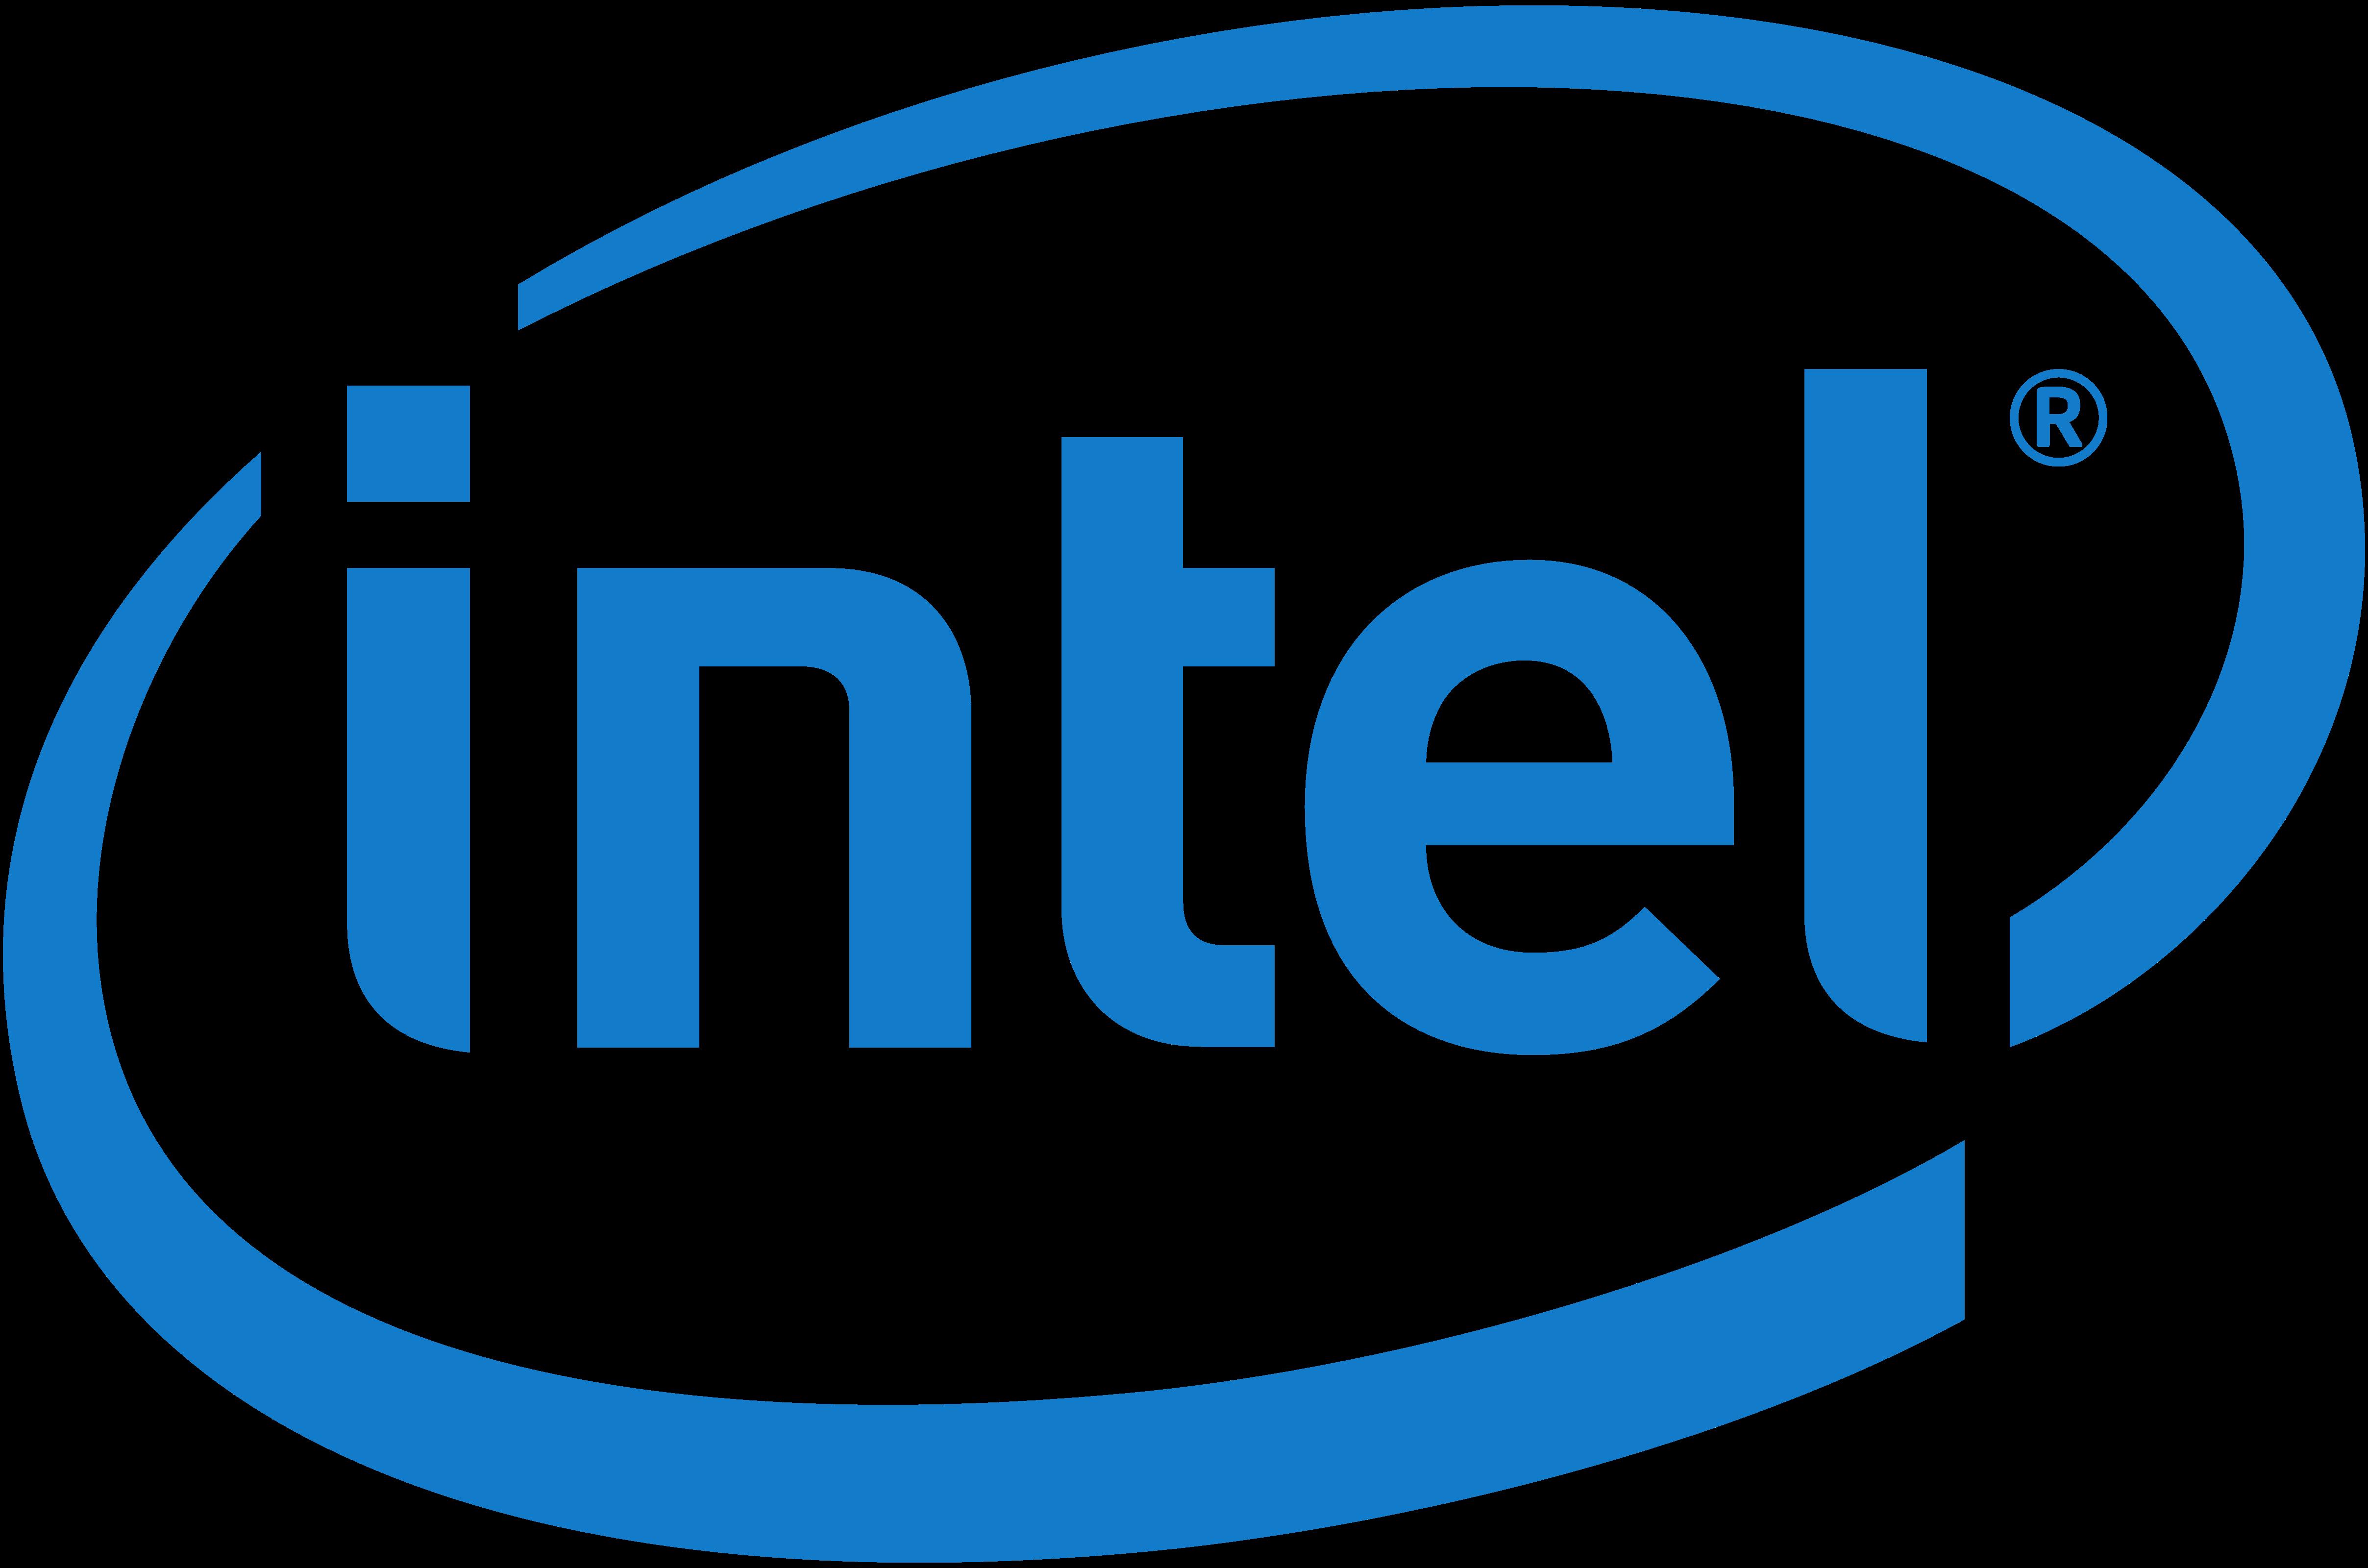 Intel logos PNG images, Intel logo.